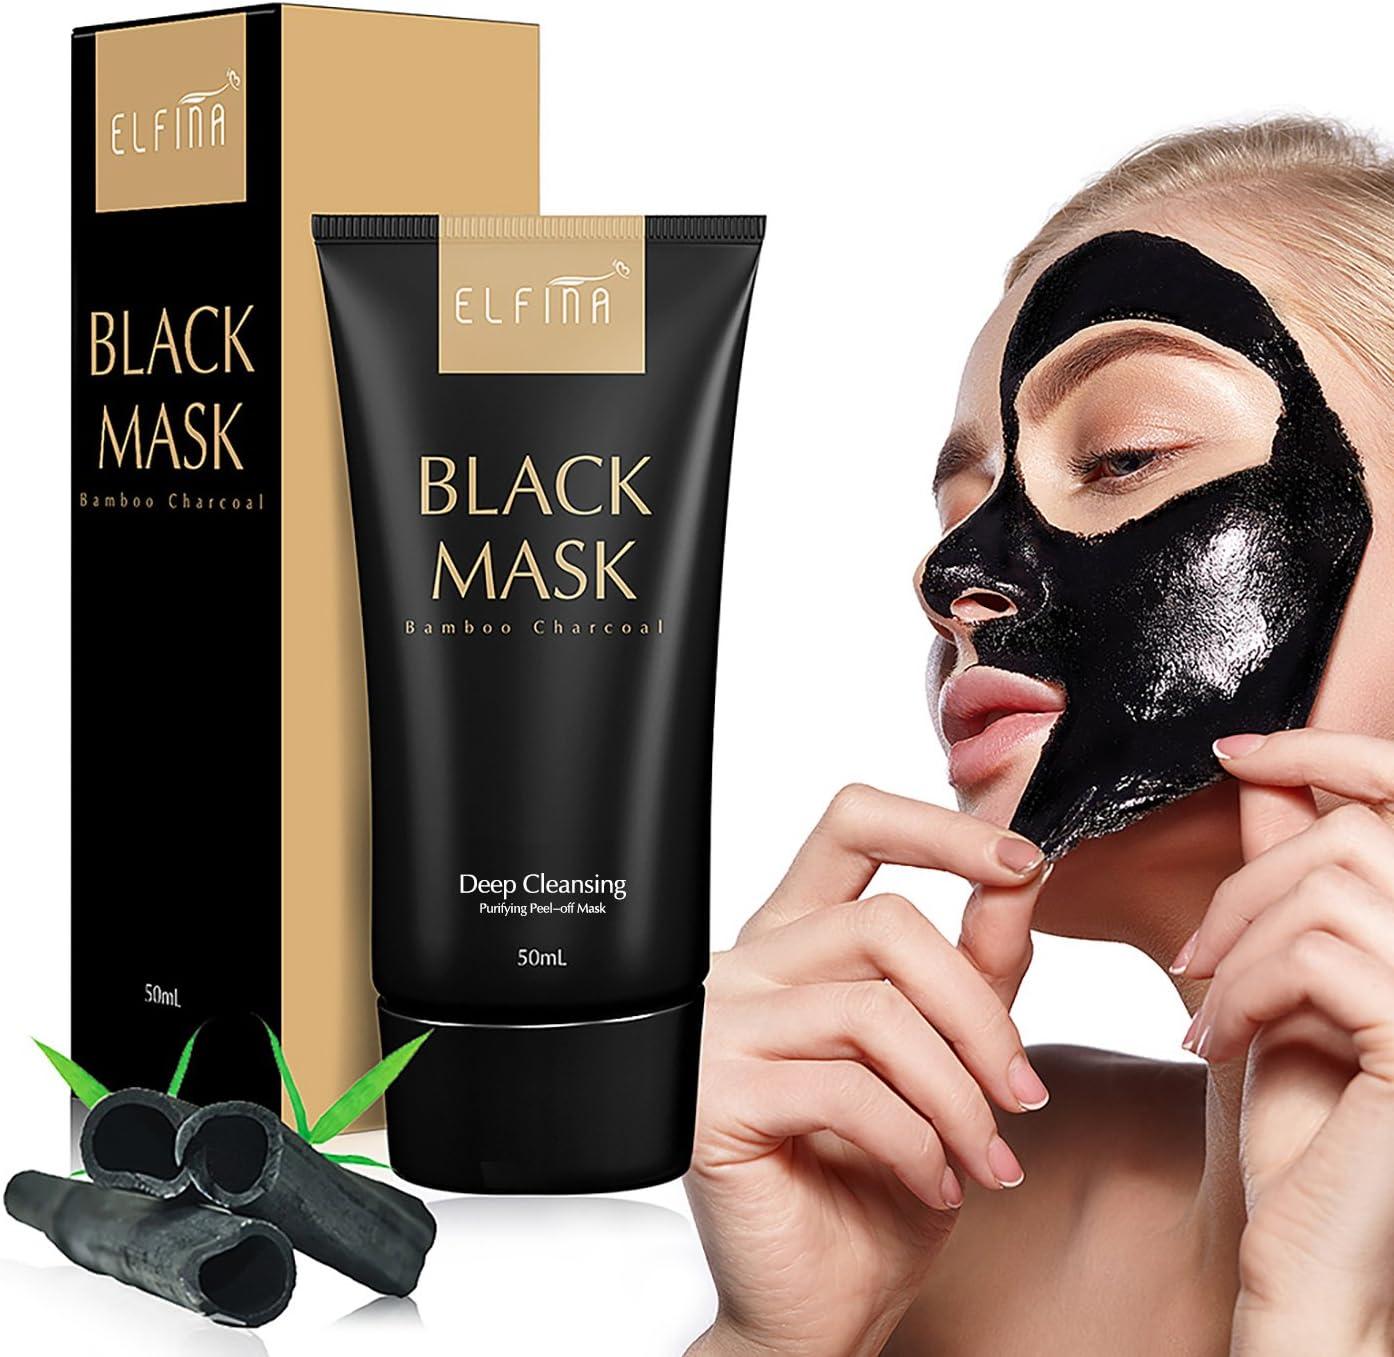 Elfina Black Mask Máscara Facial de Barro Negro, Removedor de Espinillas Rrasgón Estilo Limpieza Profunda Purificante Pelar Fuera de la Cabeza Negra (50 ml)